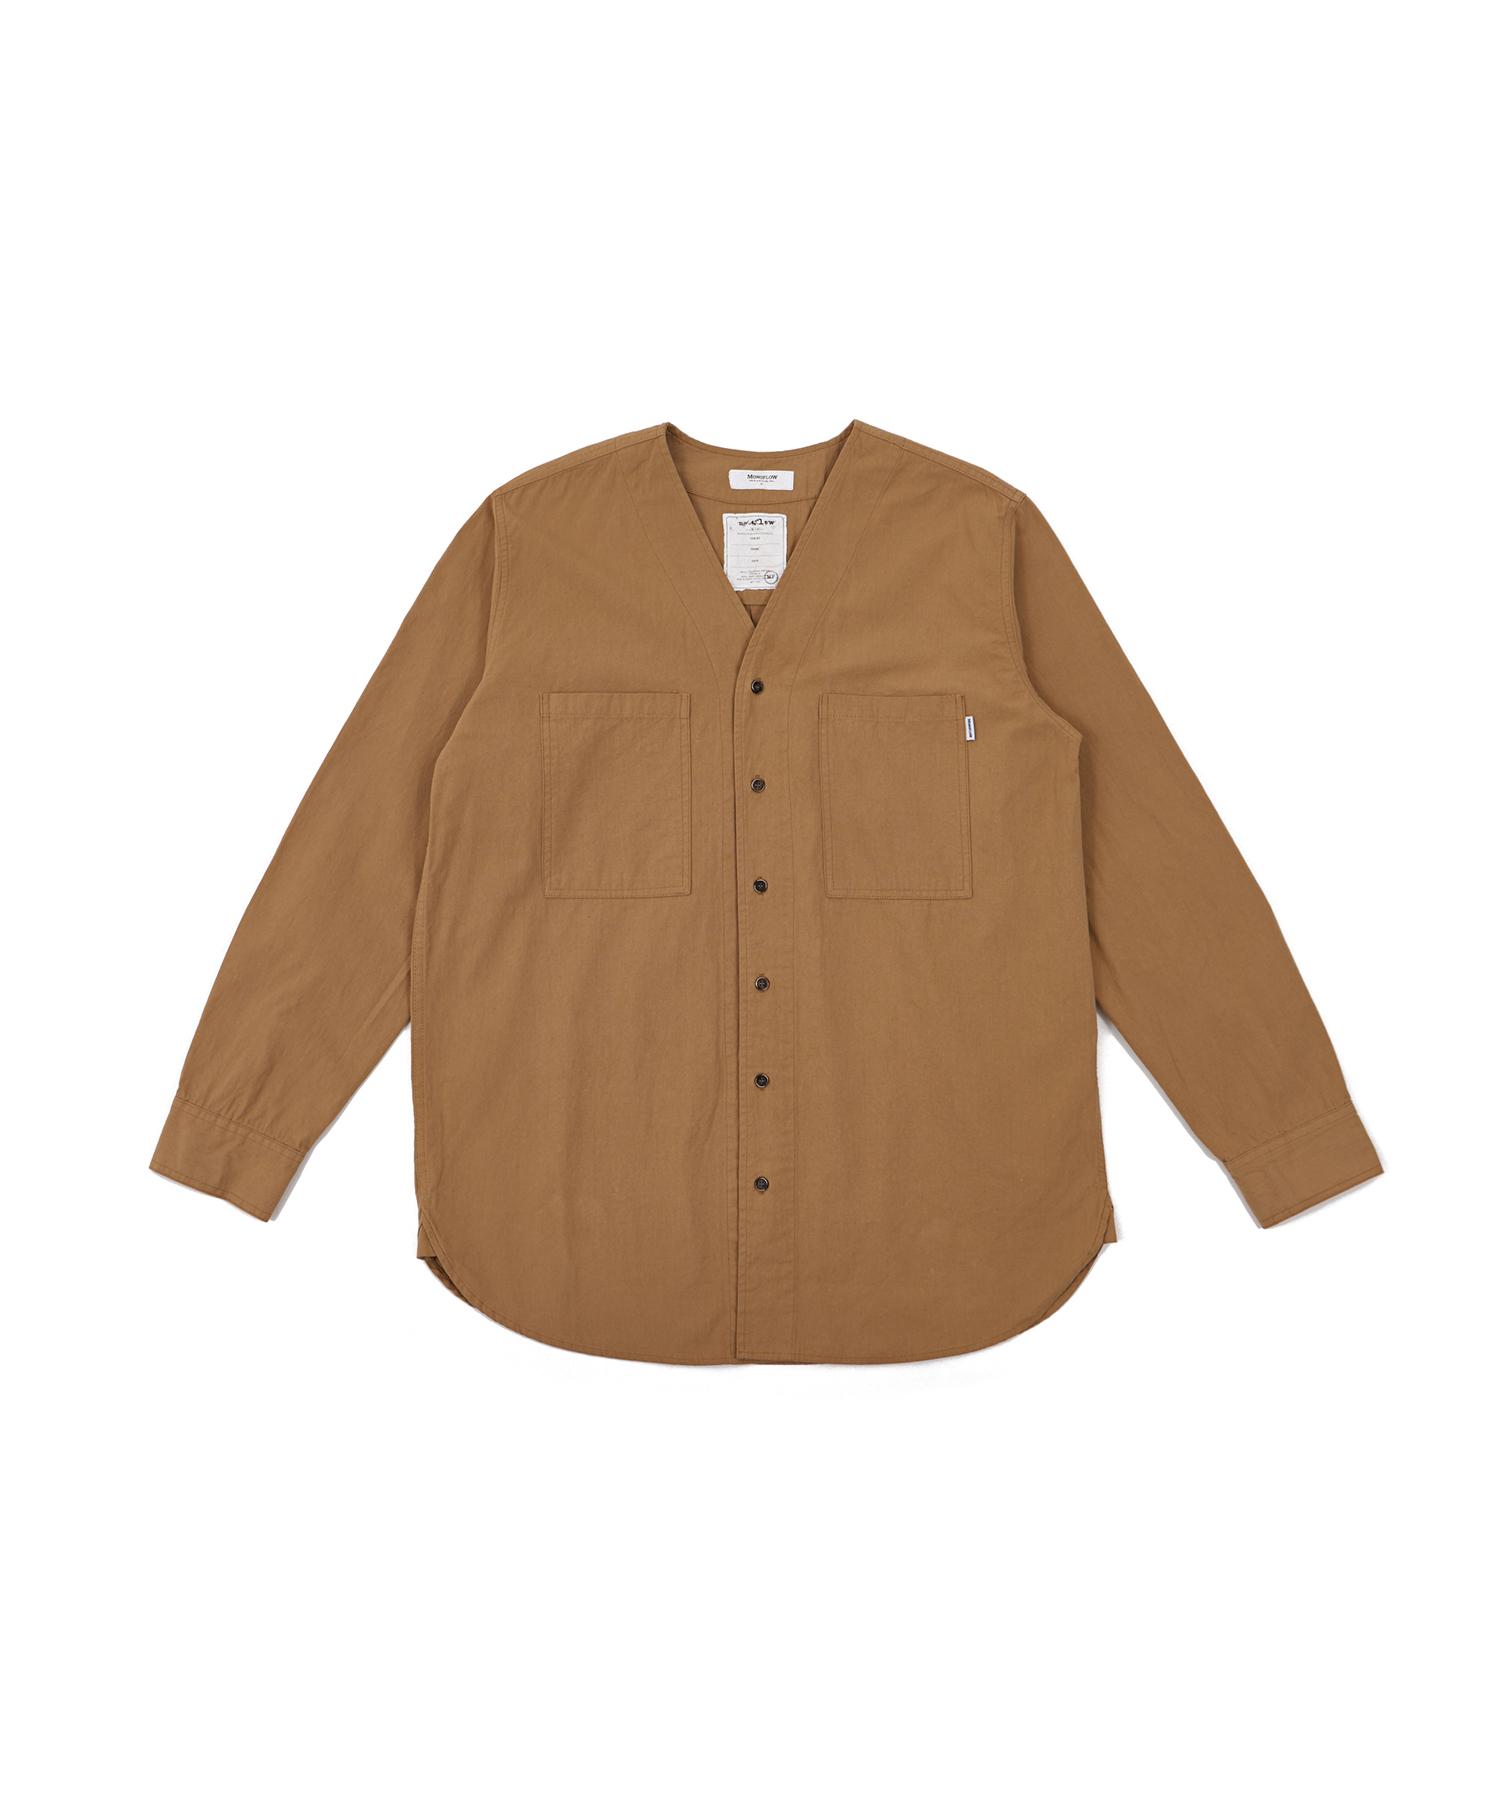 모노플로우 브이넥 셔츠